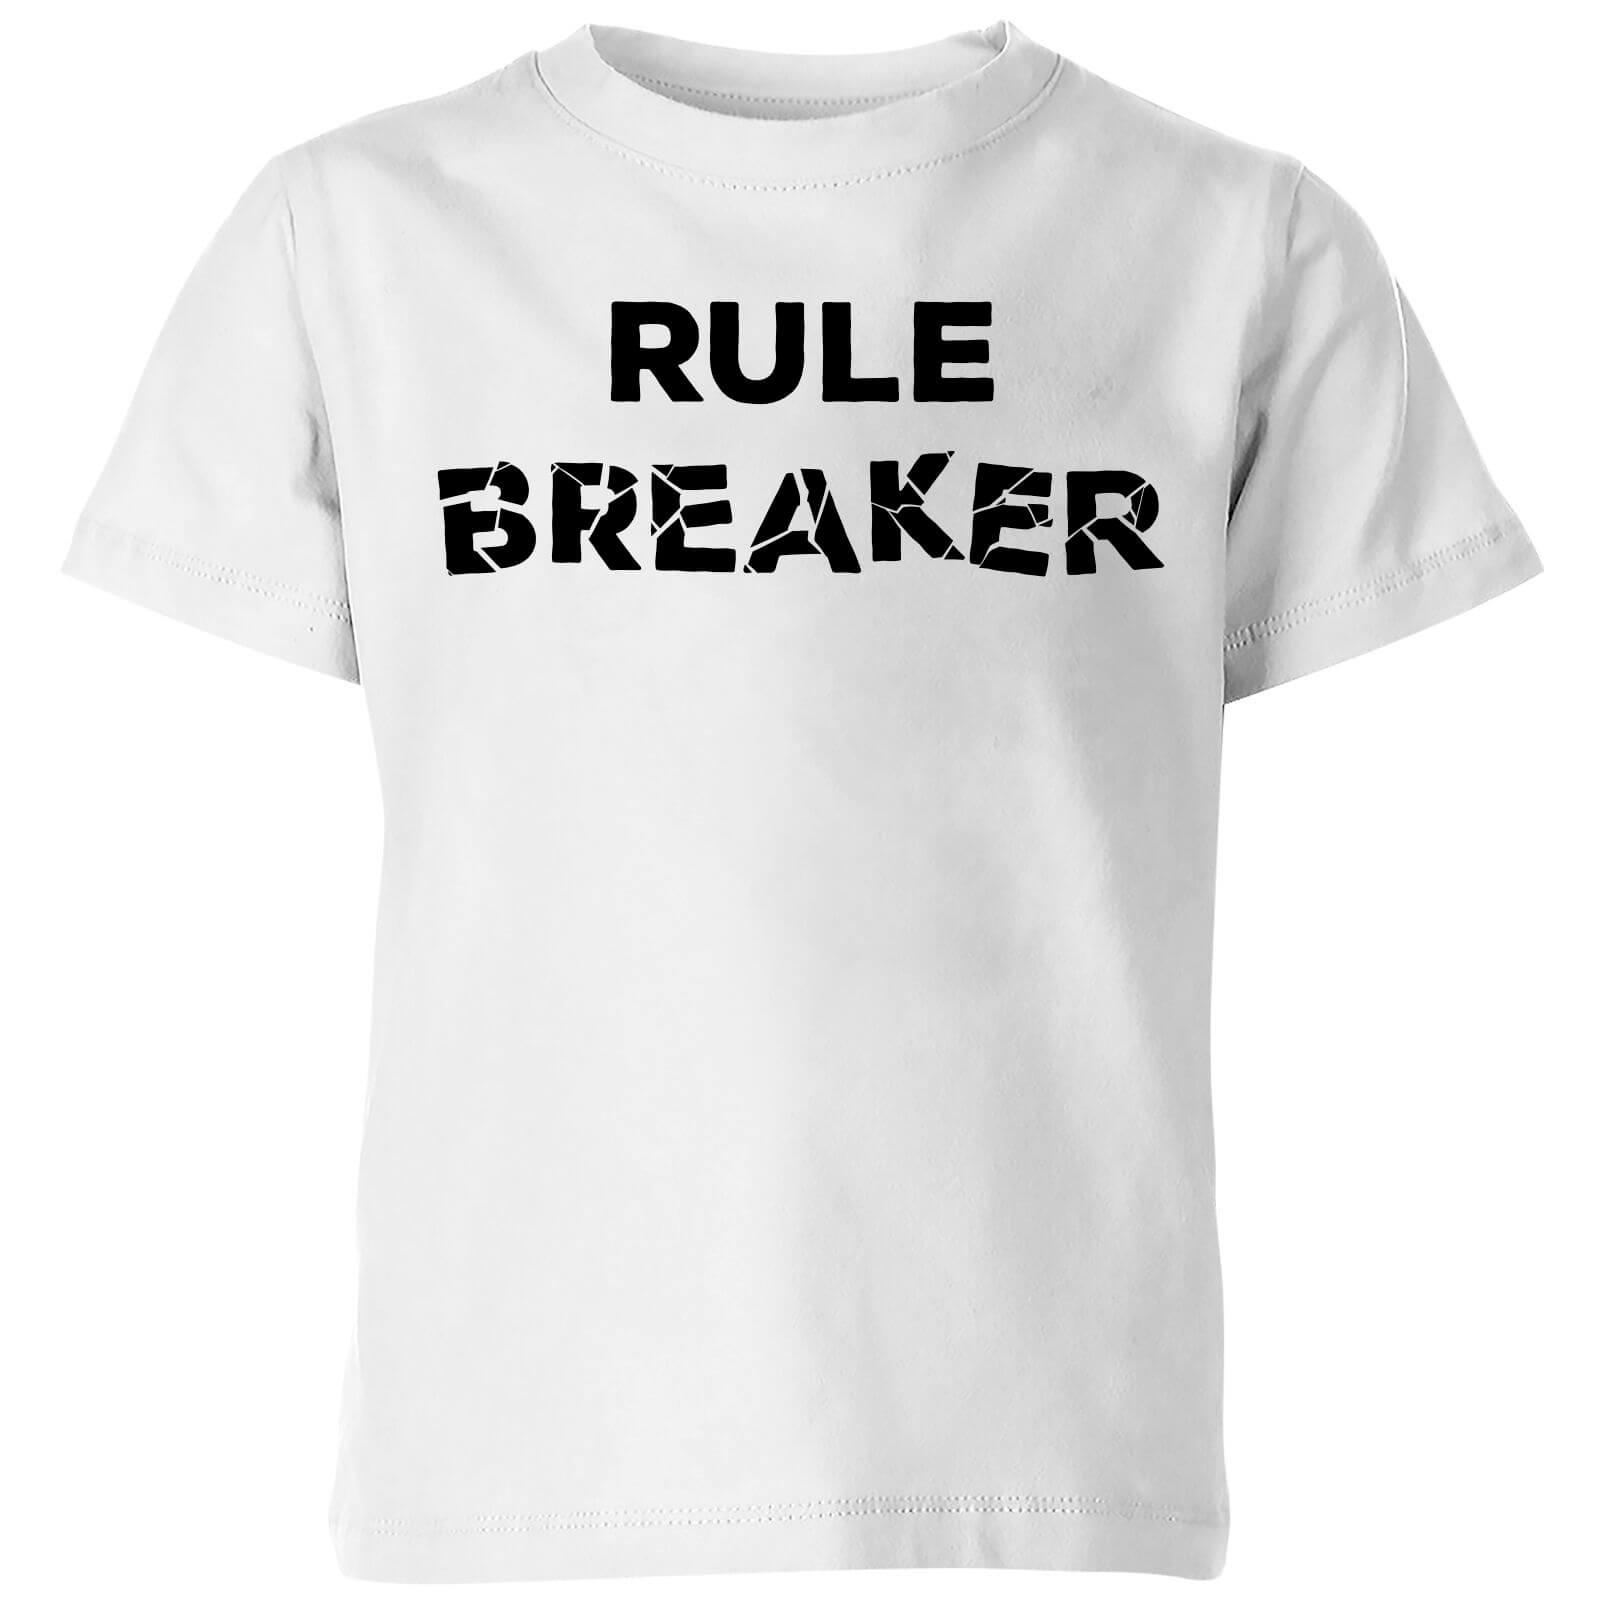 78093579f9a7 Rule Breaker Kids  T-Shirt - White